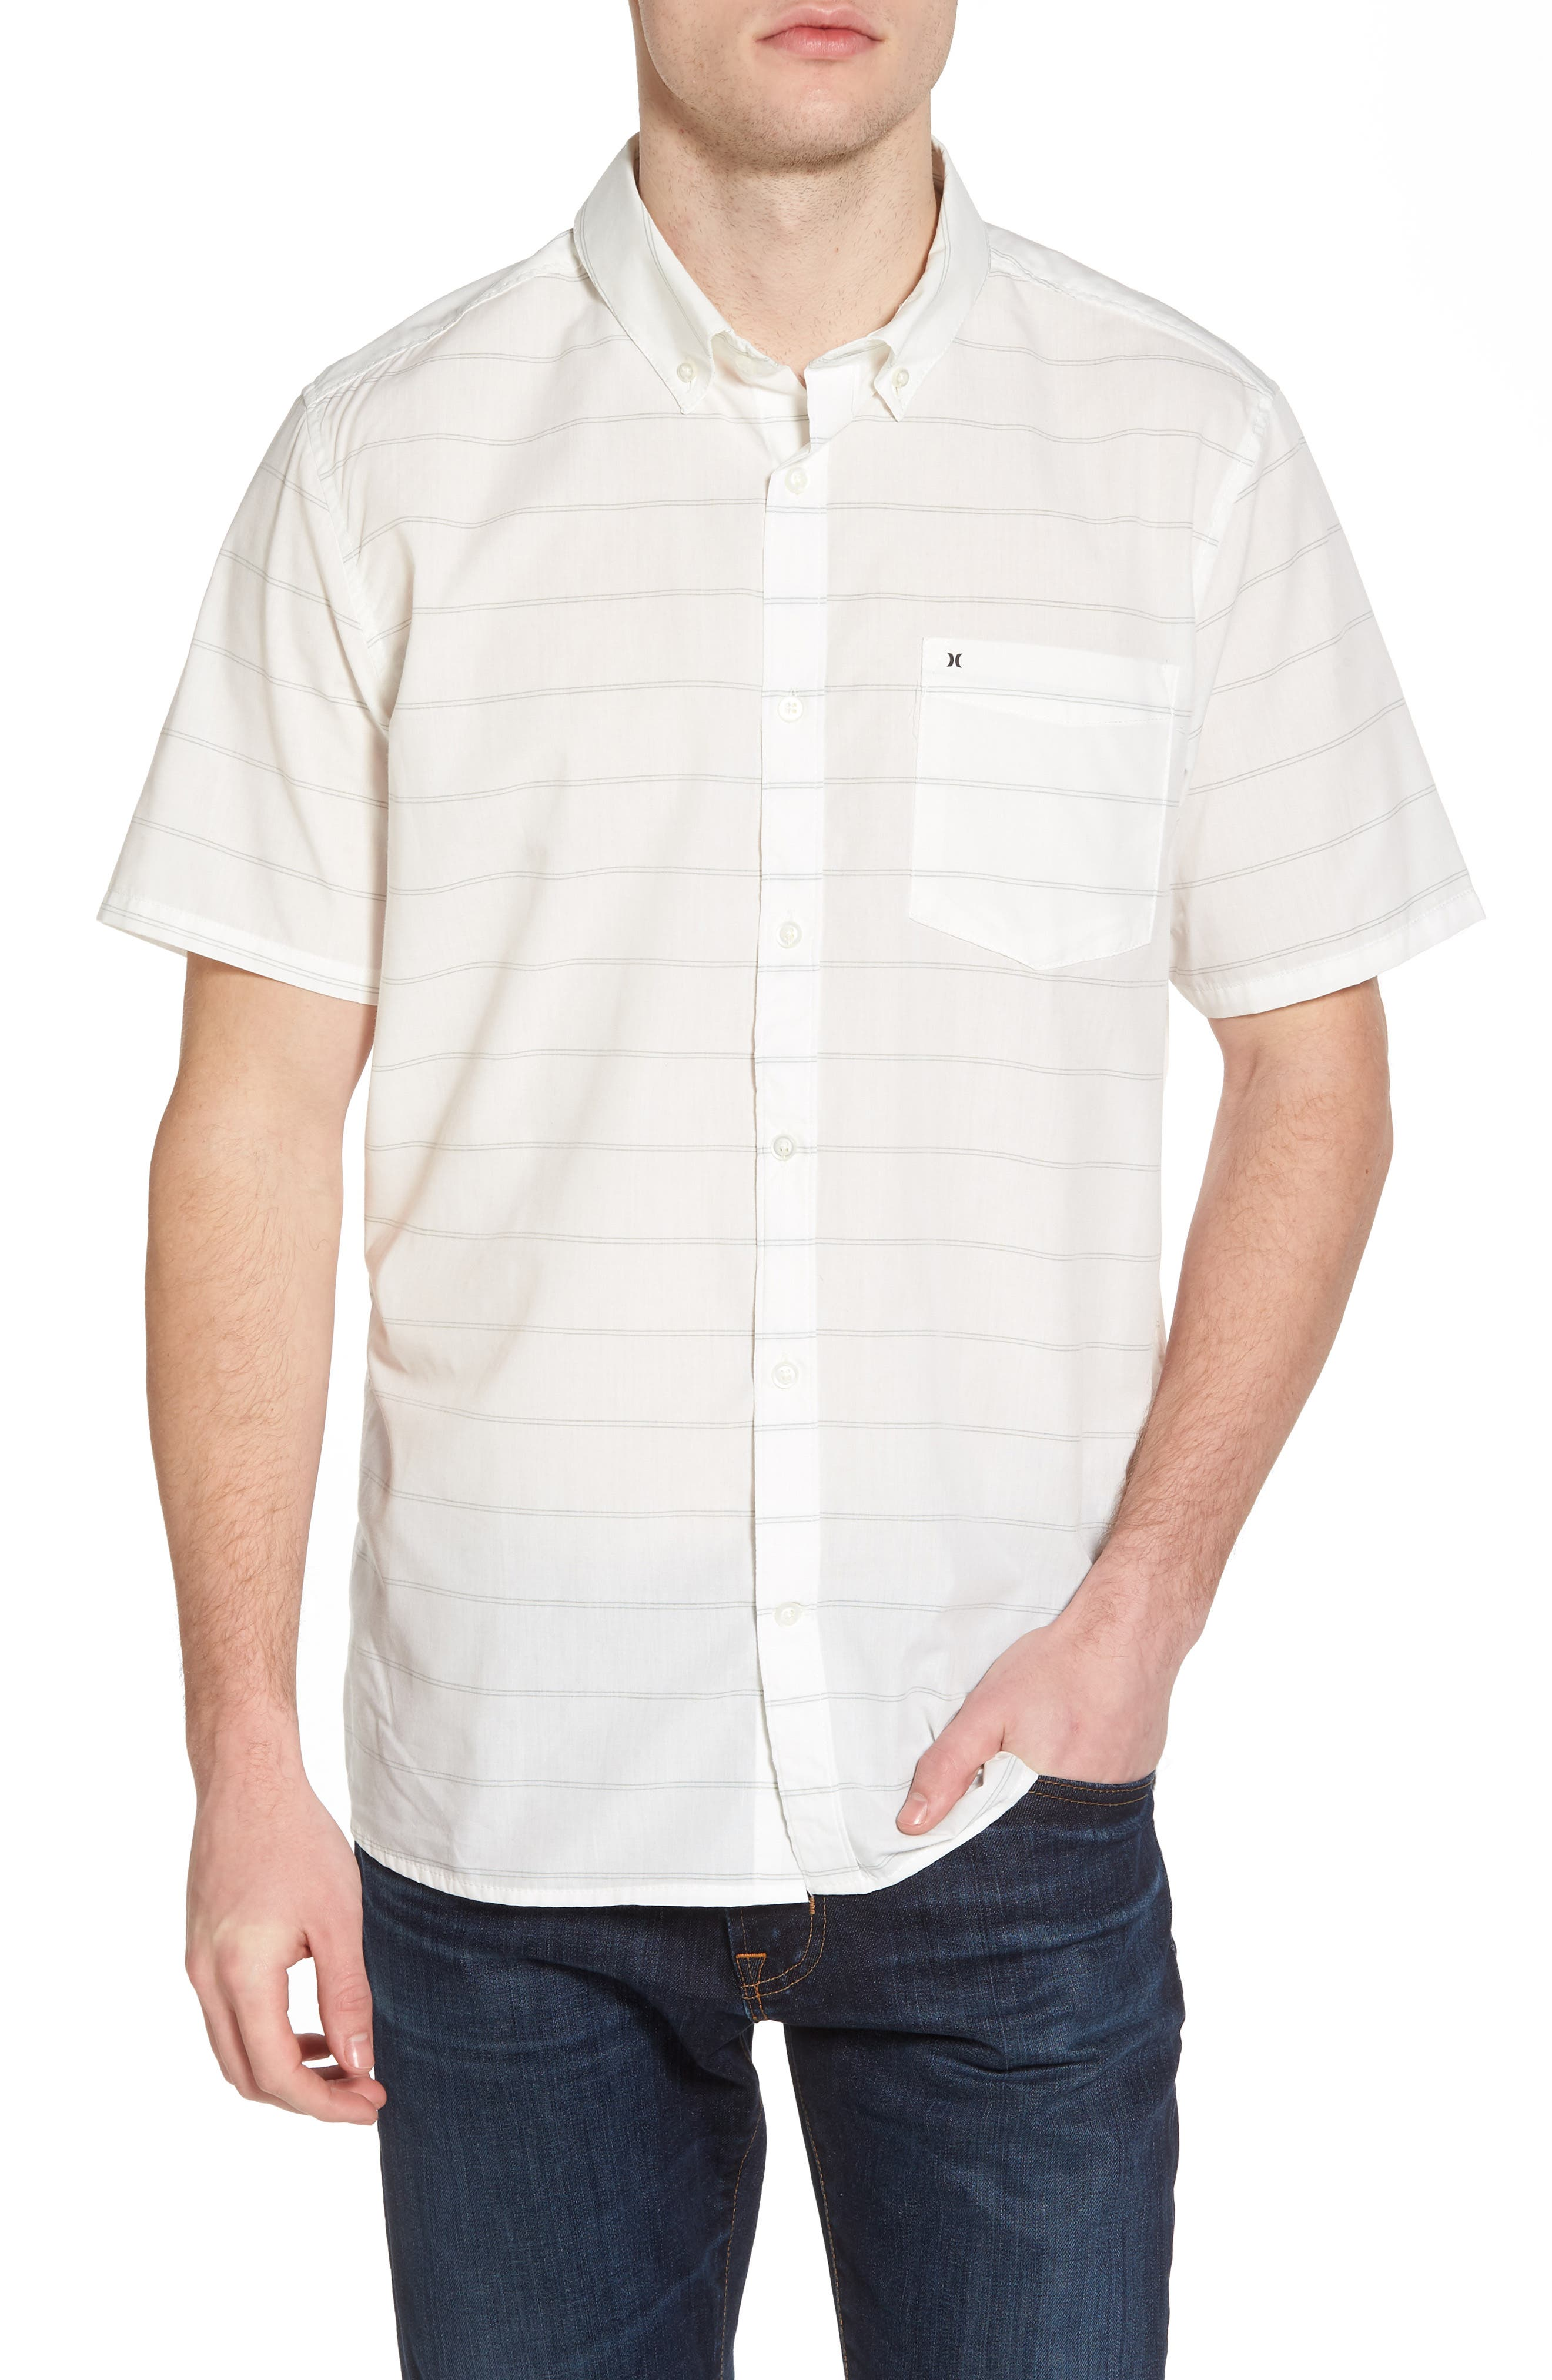 Reeder Dry Woven Shirt,                             Main thumbnail 1, color,                             Sail